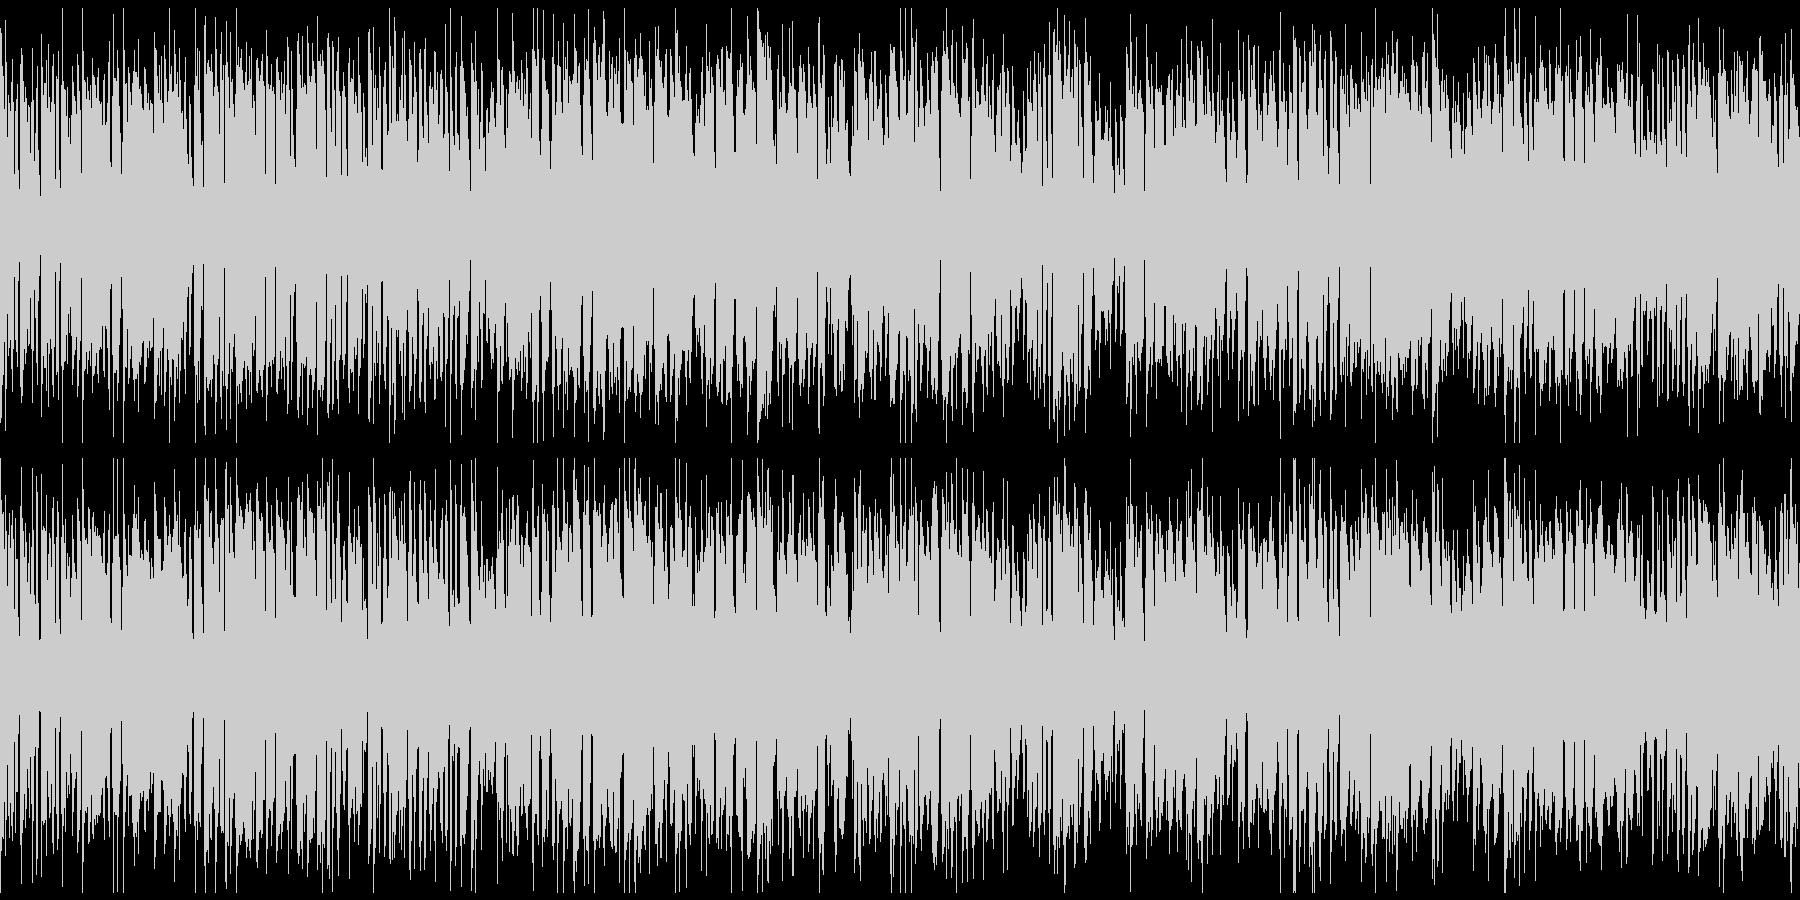 ドタバタ騒がしいコメディ ※ループ版の未再生の波形